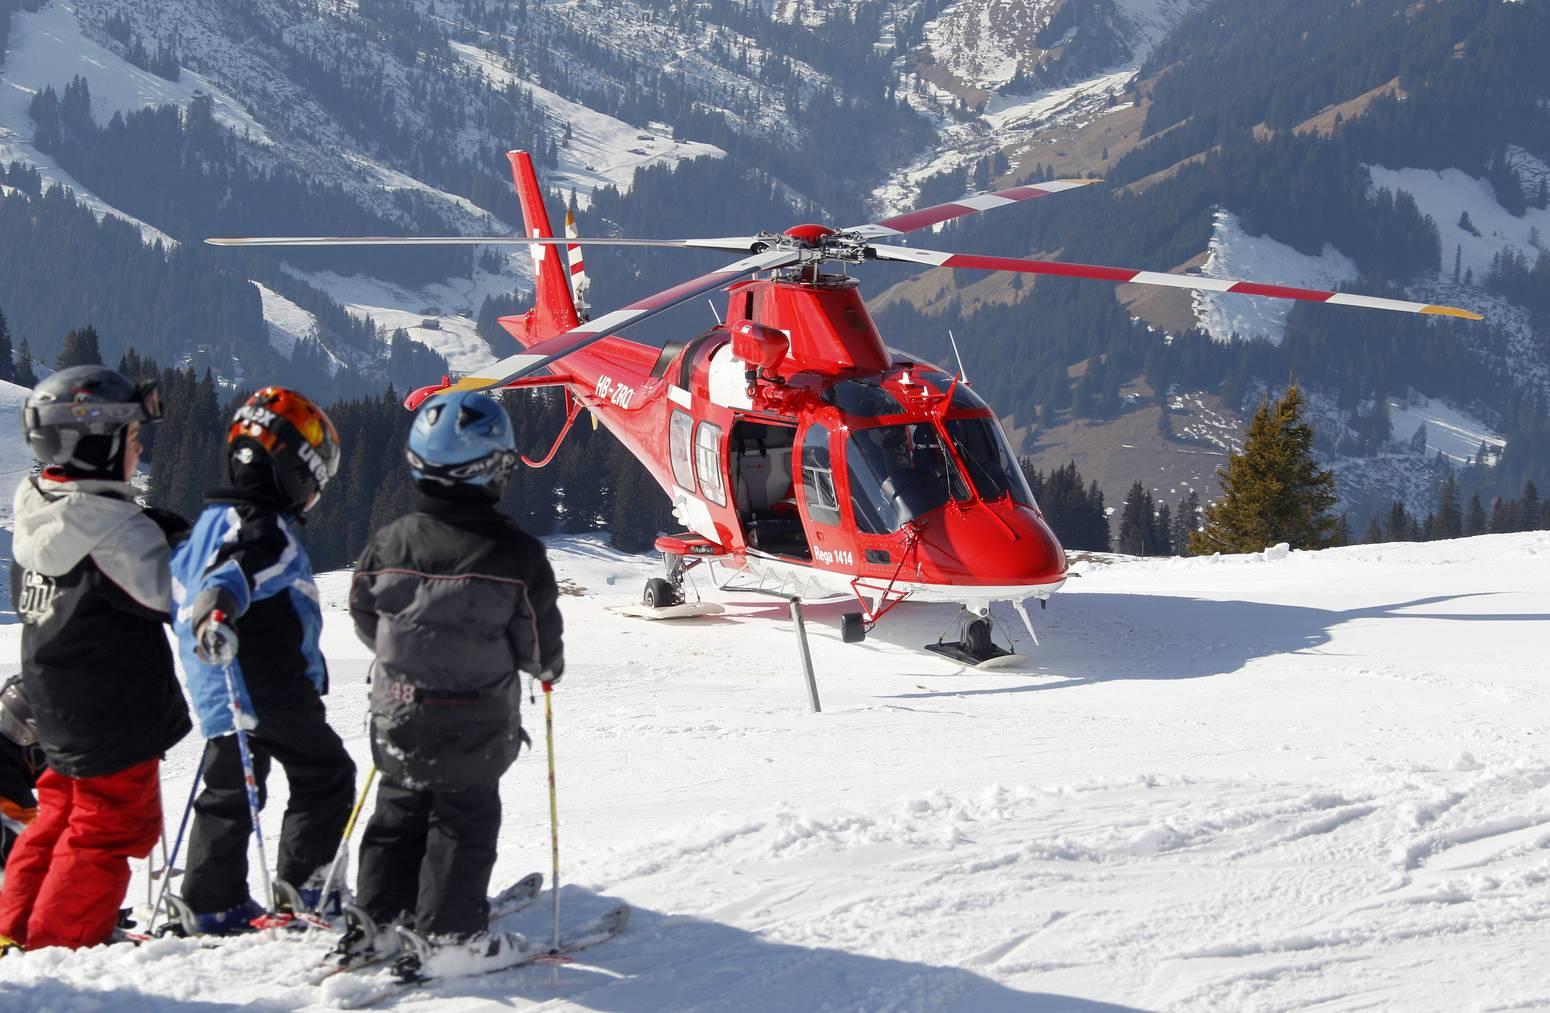 Bei mehr als der Hälfte der Einsätze rückte die Rega wegen verunfallter Wintersportler aus. Daneben waren Krankheiten die häufigste Alarmierungsursache. (Bild: Rega)